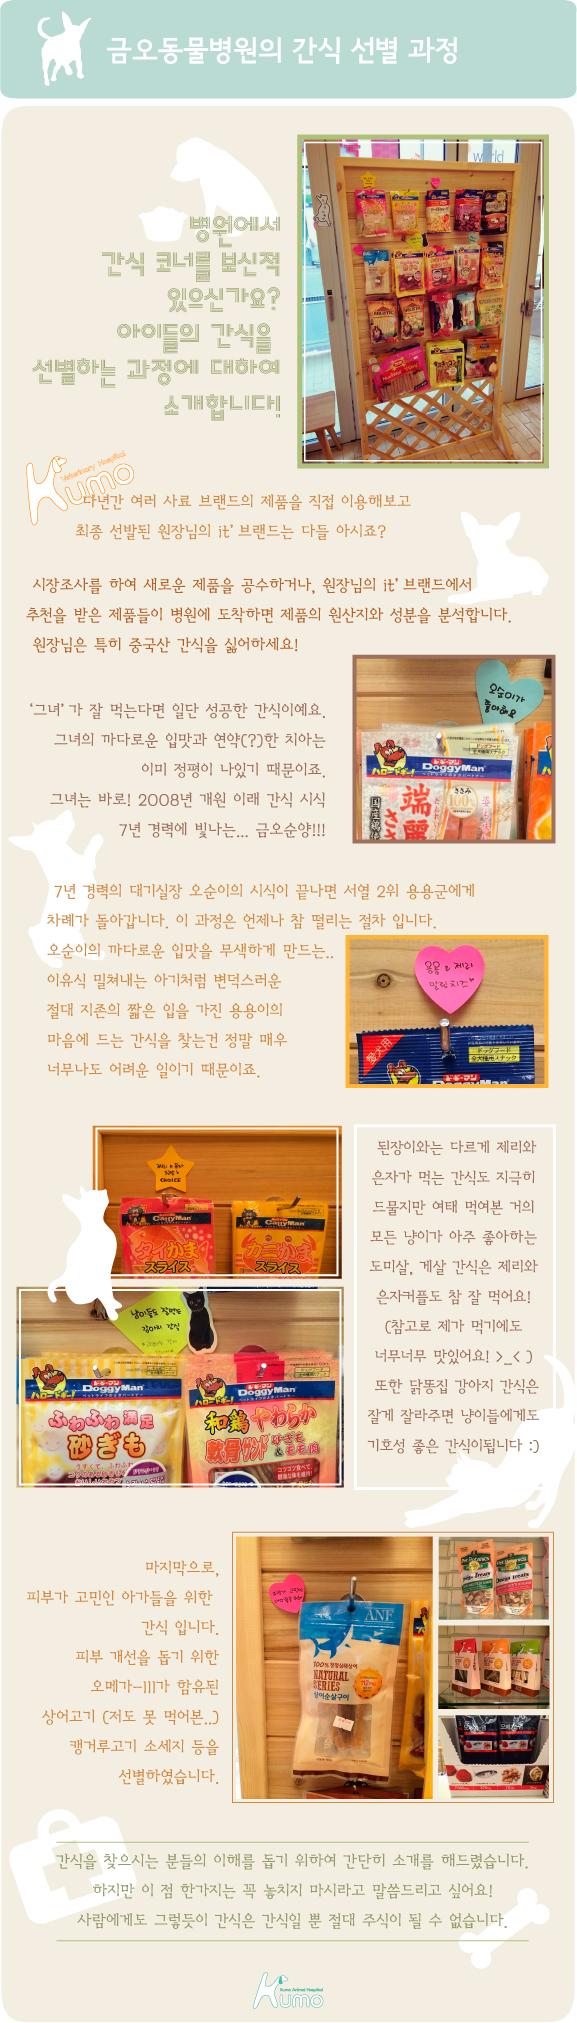 간식선별과정-최종.jpg